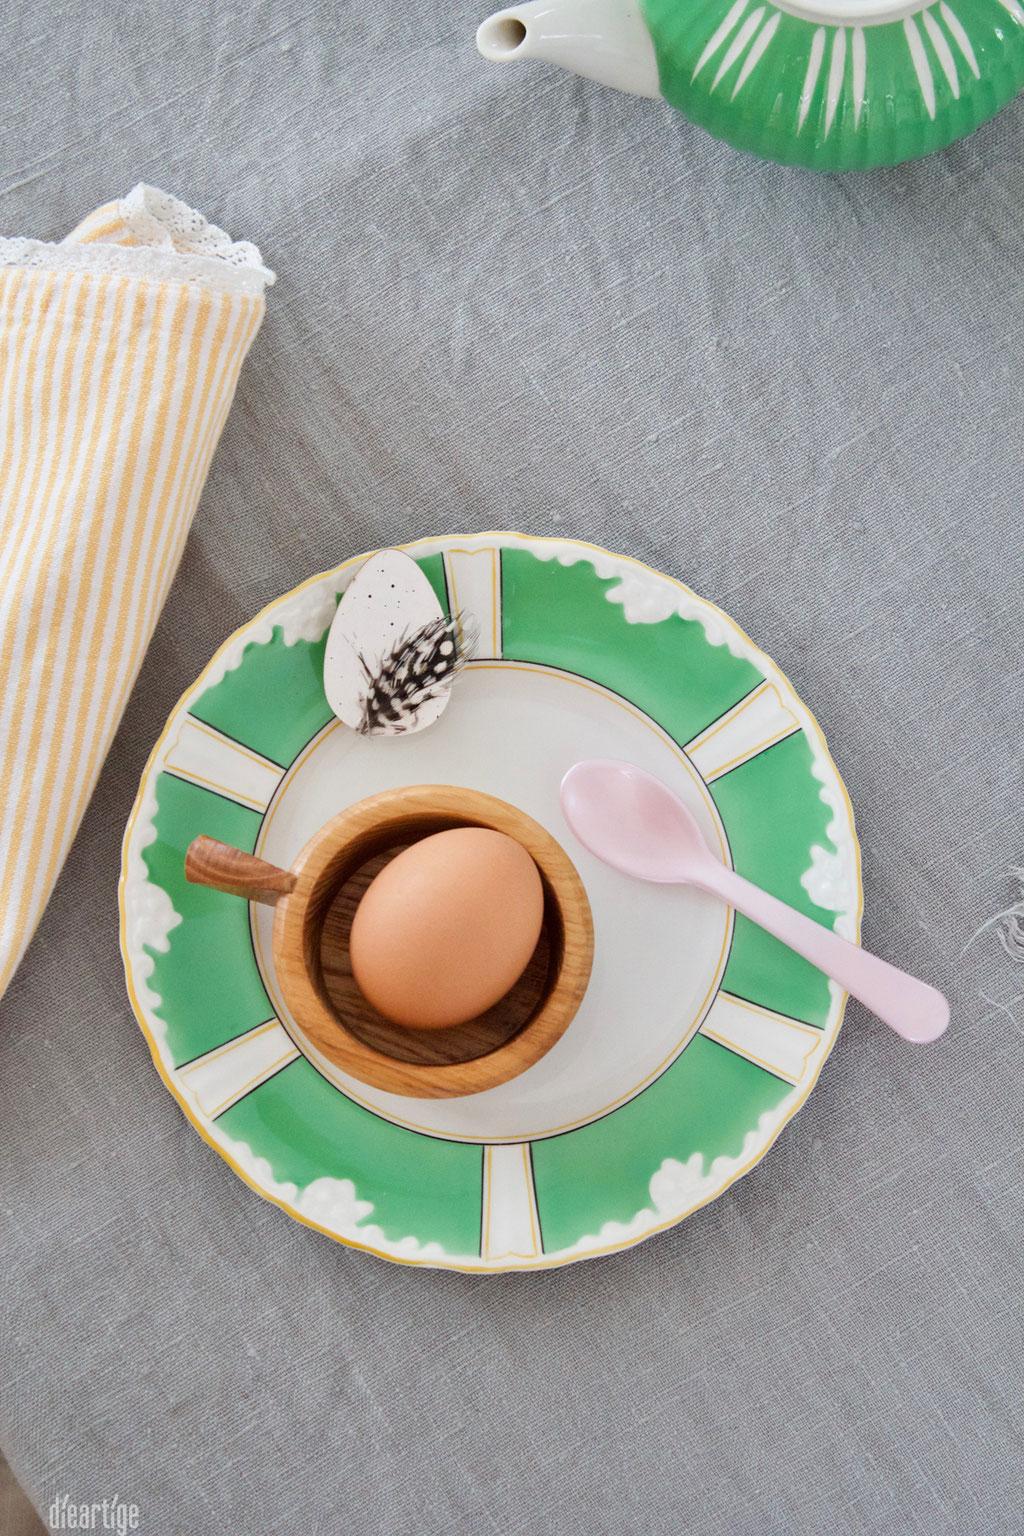 dieartigeBLOG - Oster//Frühlings-Tischdekoration | Handgefertigte Keramik, weiß-mattes Porzelan, Leinen, Weidenkätzchen und Wachteleier